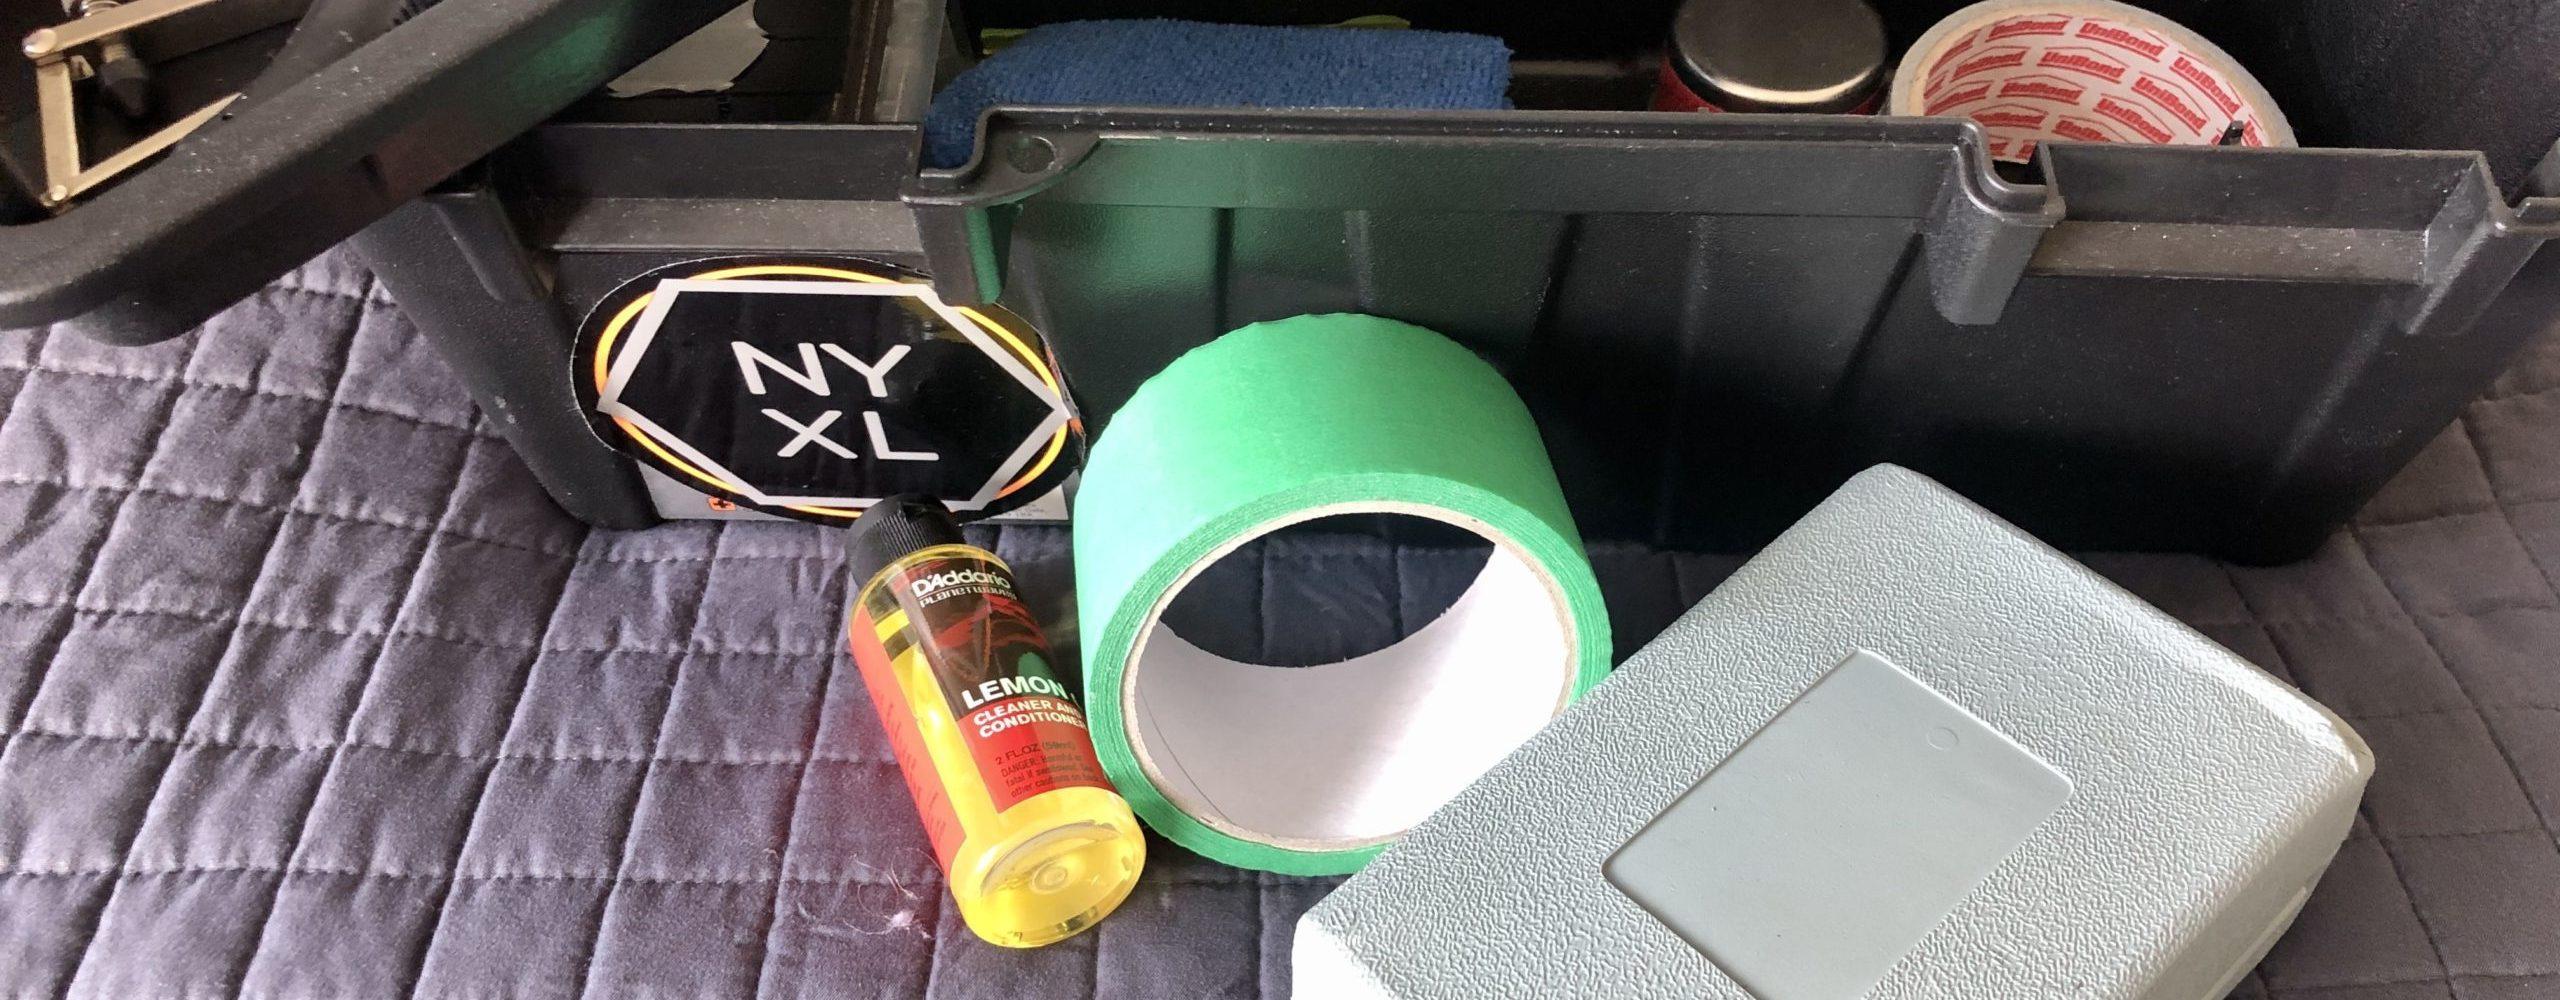 Guitar Toolbox - Empty